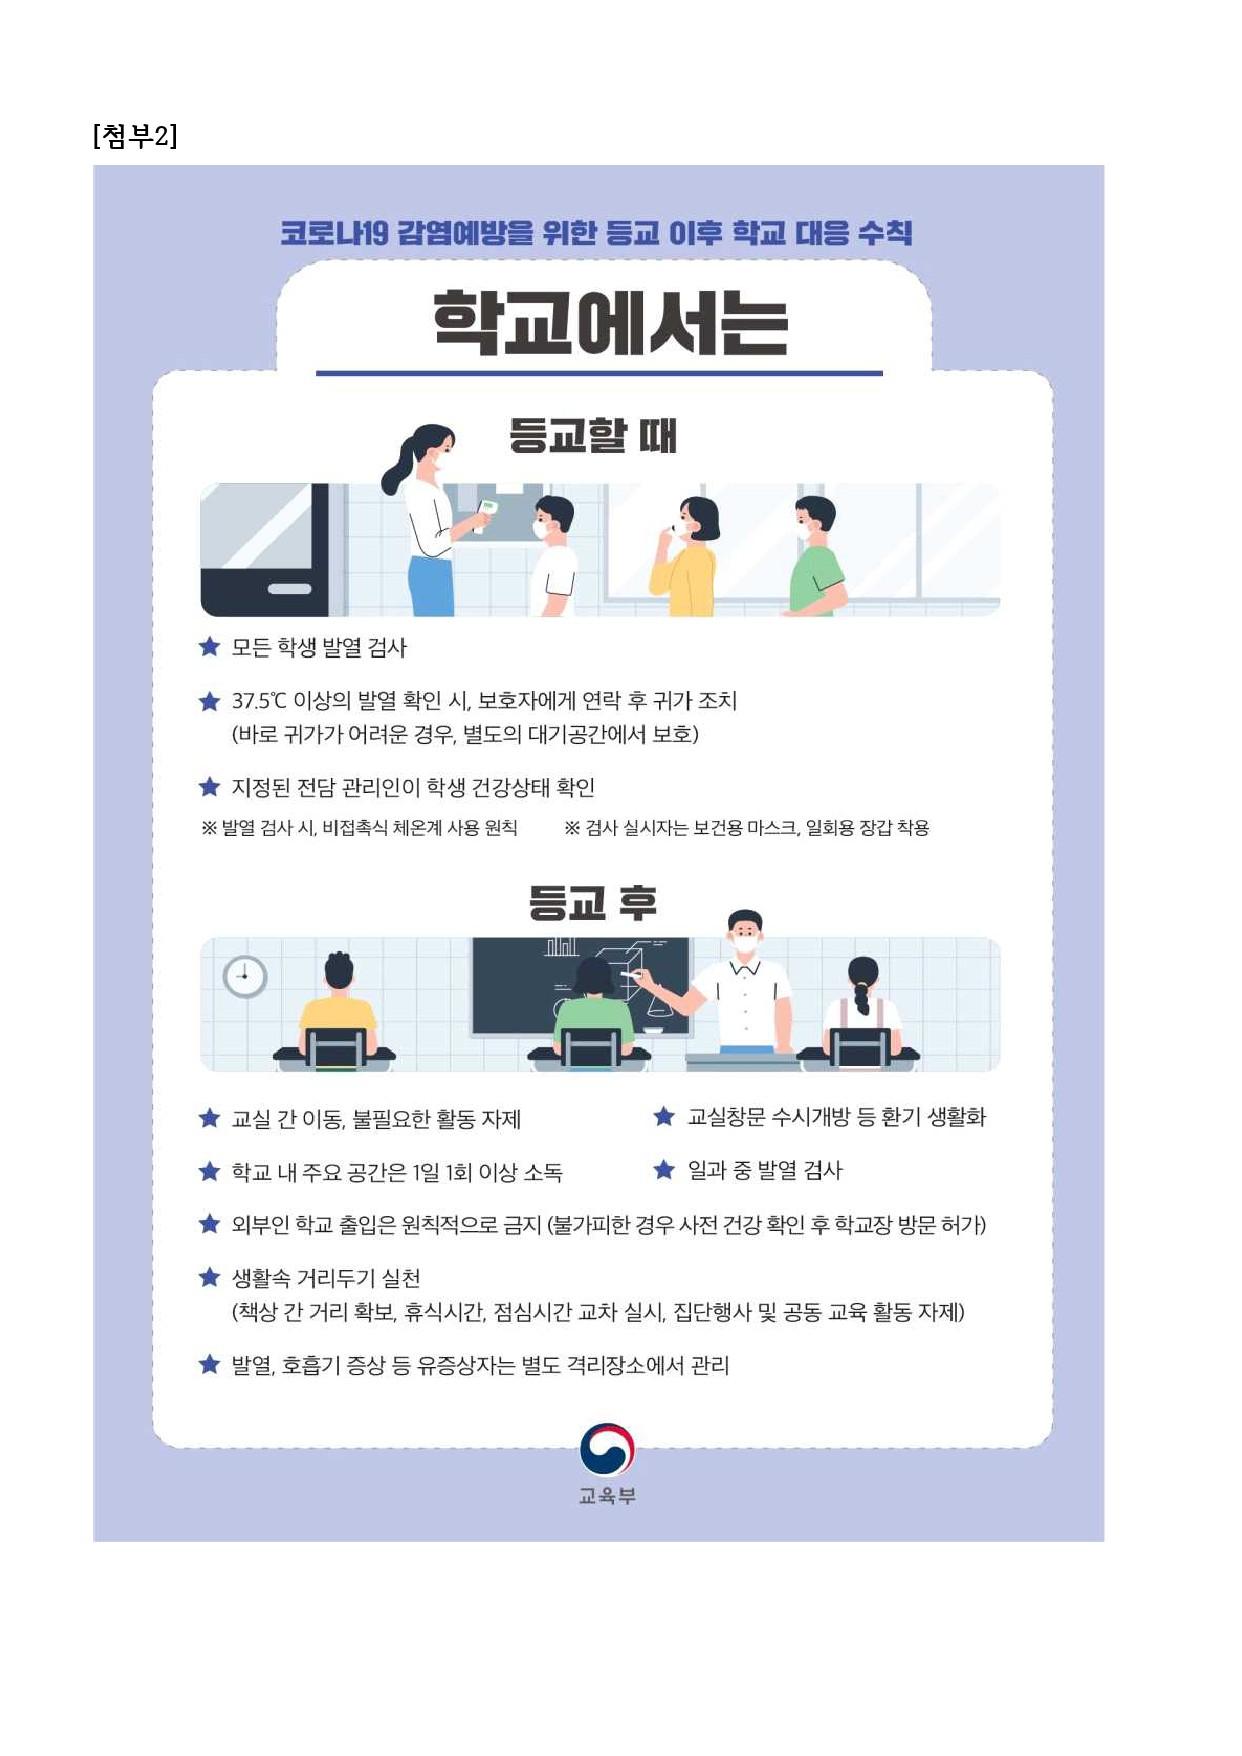 방과후학교 코로나19 대응 방안(2020. 05. 11. 목원스마트스쿨)-4.jpg